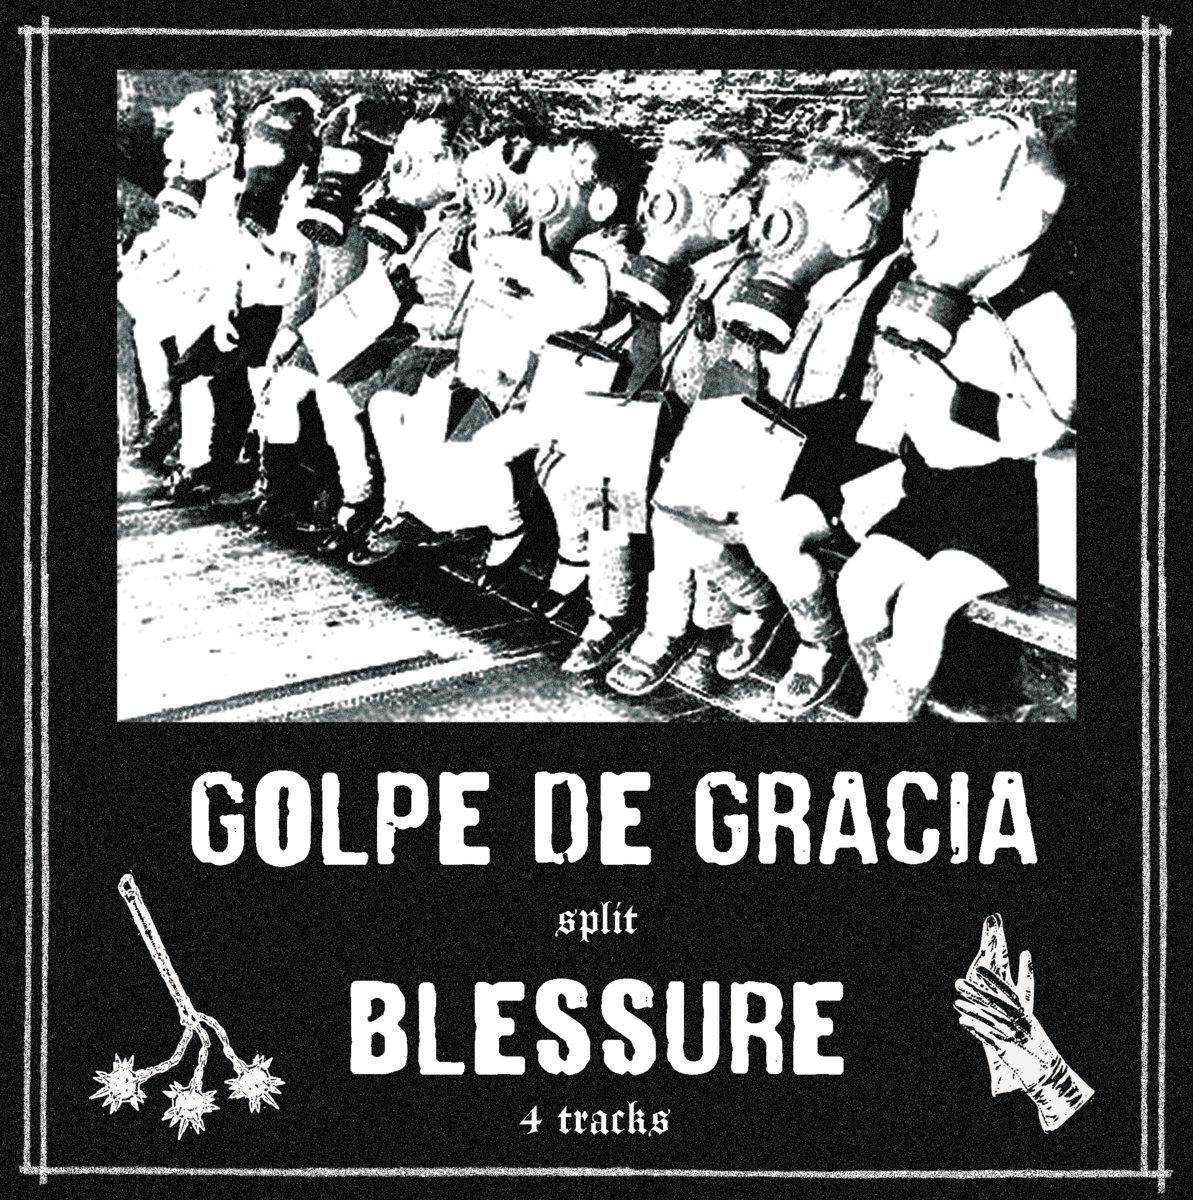 portada del album Golpe de Gracia / Blessure